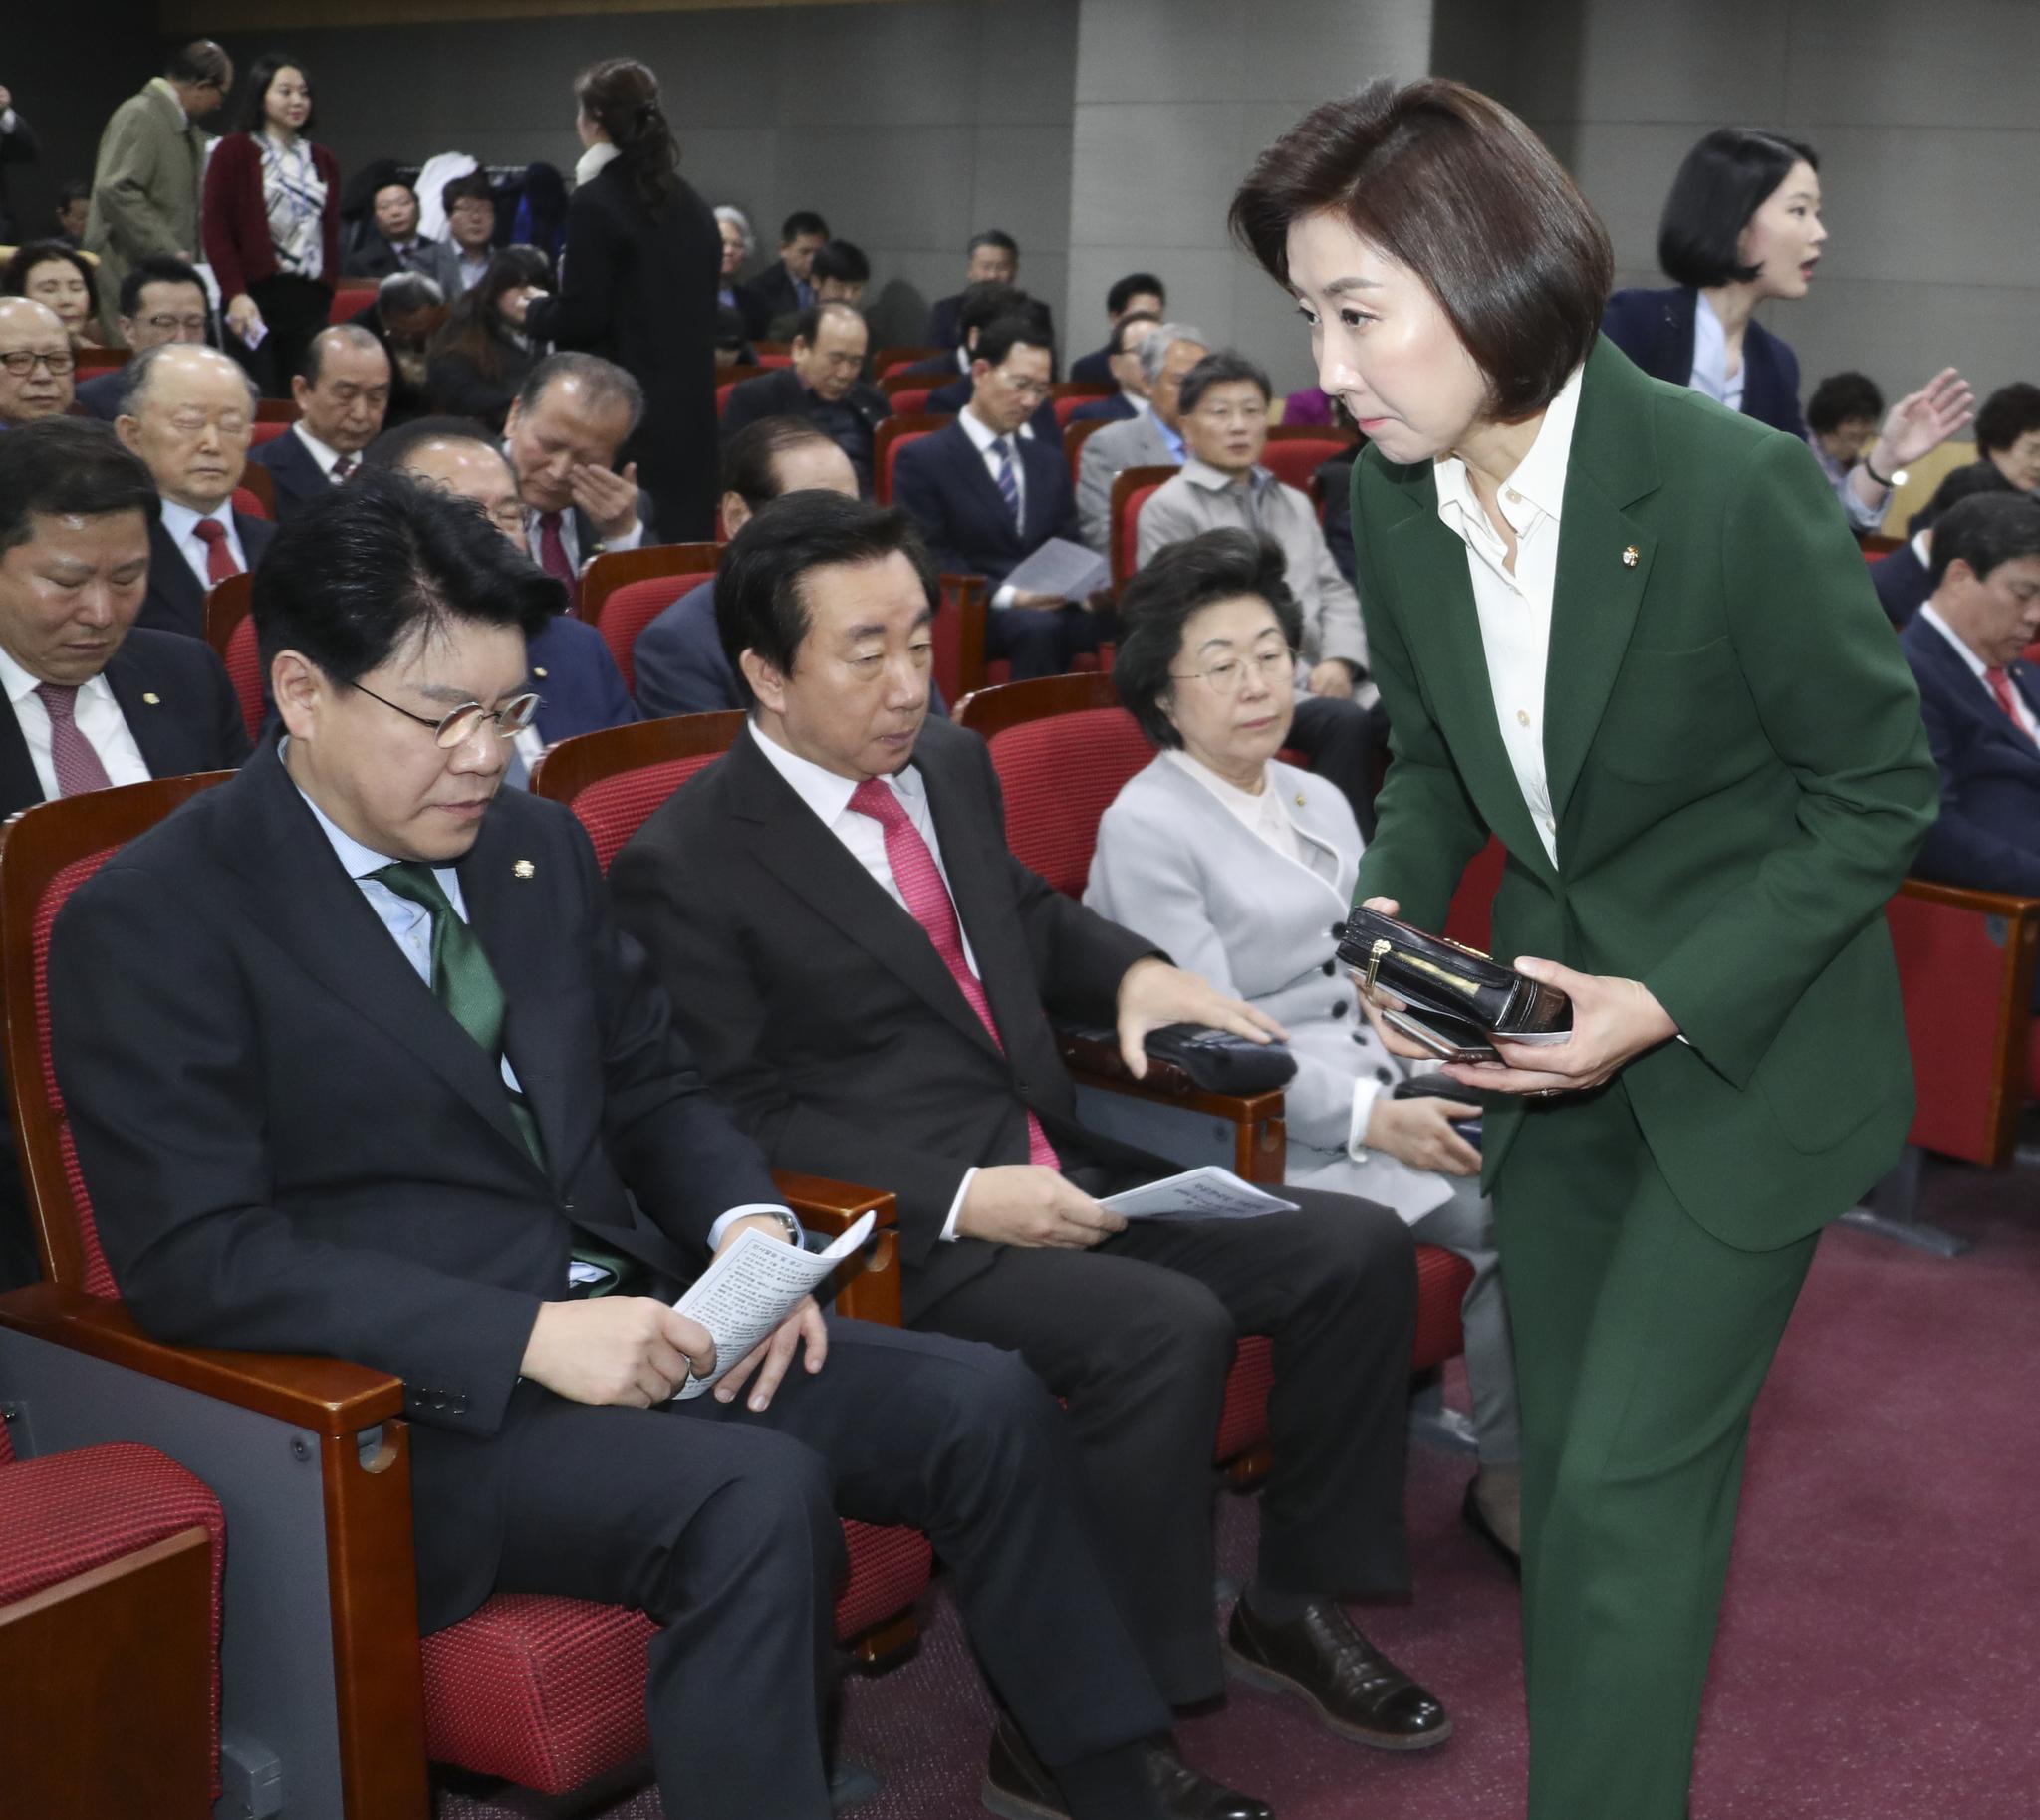 나경원 원내대표가 기도회에 참석하고 있다.  임현동 기자